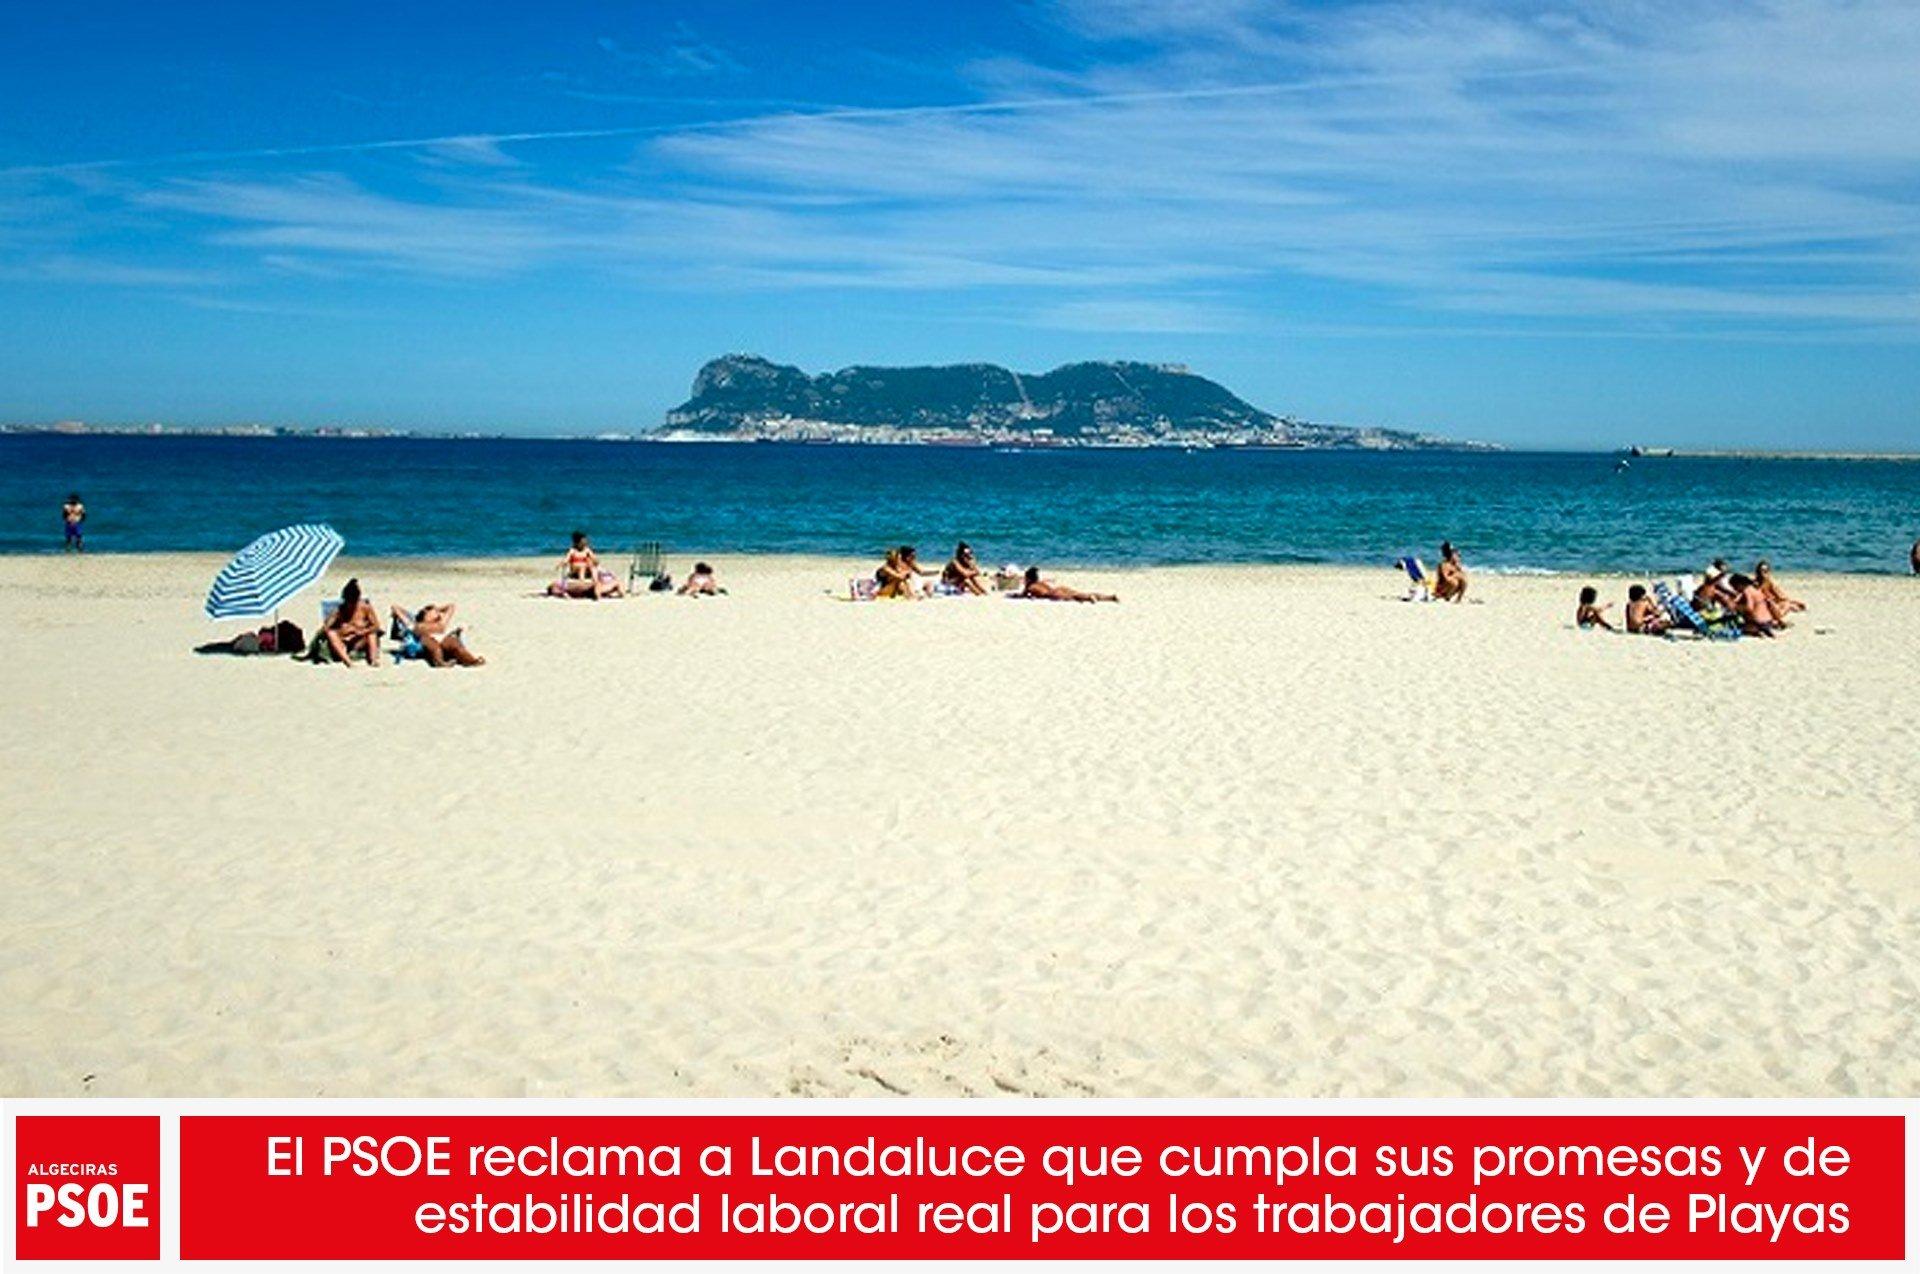 El PSOE reclama a Landaluce que cumpla sus promesas y dé estabilidad laboral real para los trabajadores de Playas